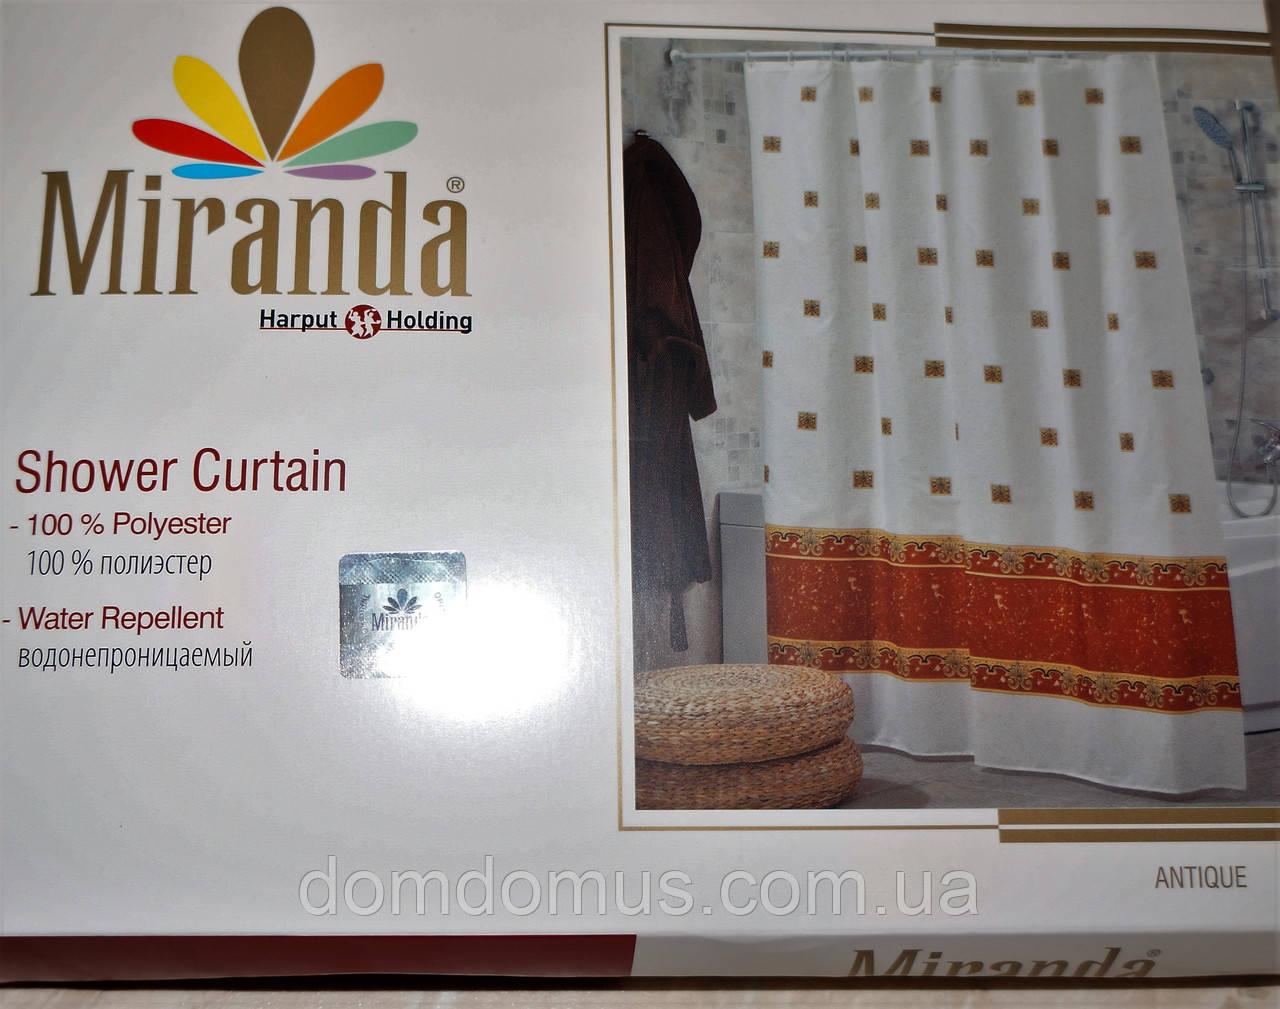 Штора для ванной комнаты Miranda 180*200, Турция, 1820-5